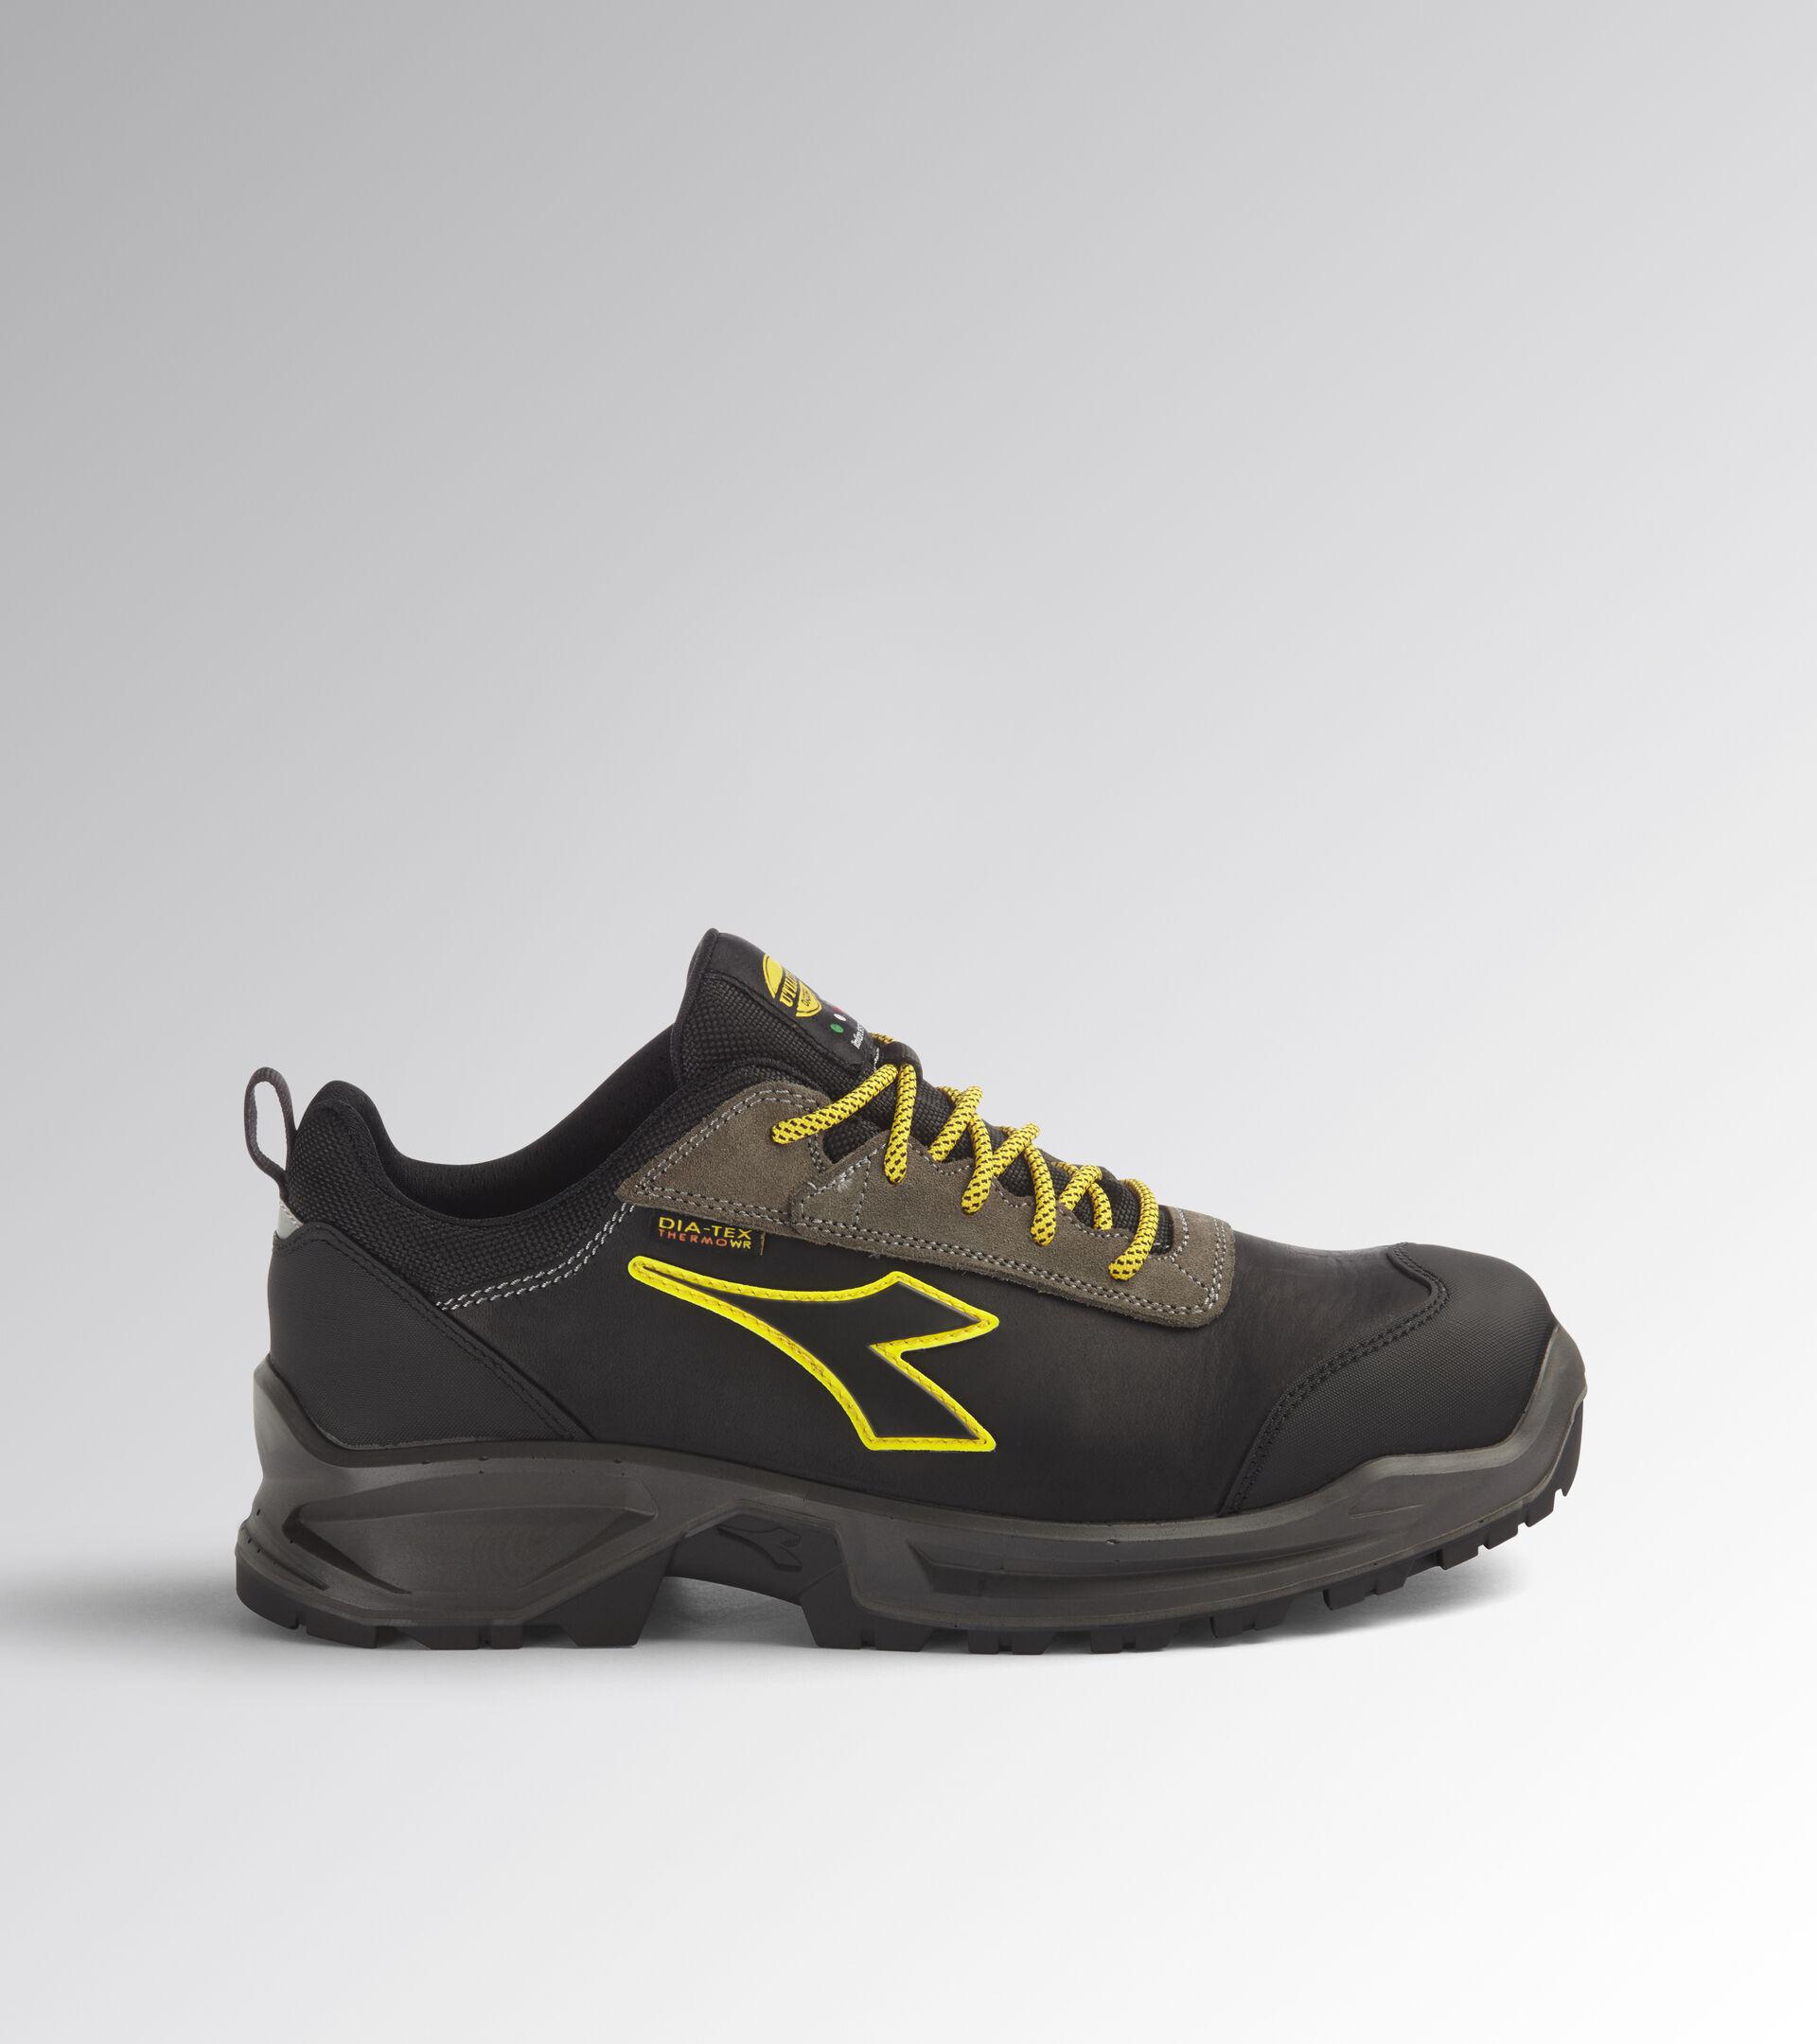 Footwear Utility UNISEX SPORT DIATEX LOW S3 WR CI SRC BLACK/STEEL GRAY Utility